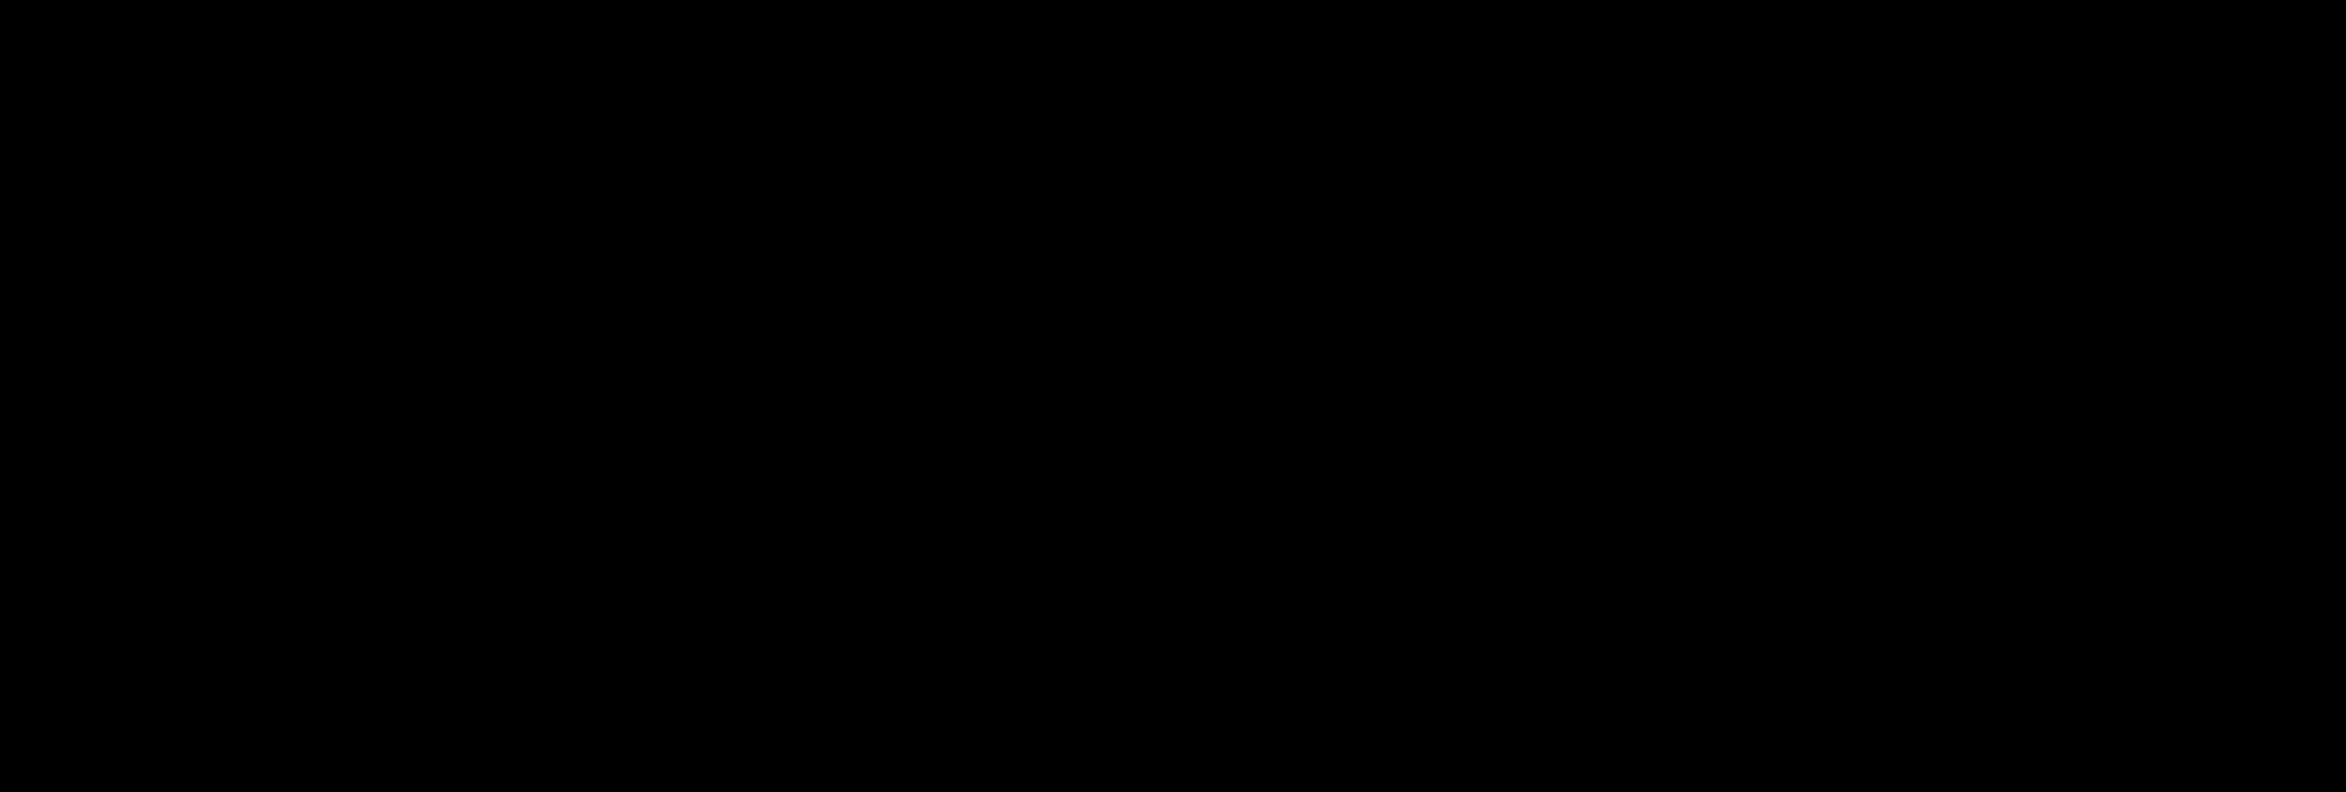 N-Biotinyl-N'-Boc-1,6-hexanediamine